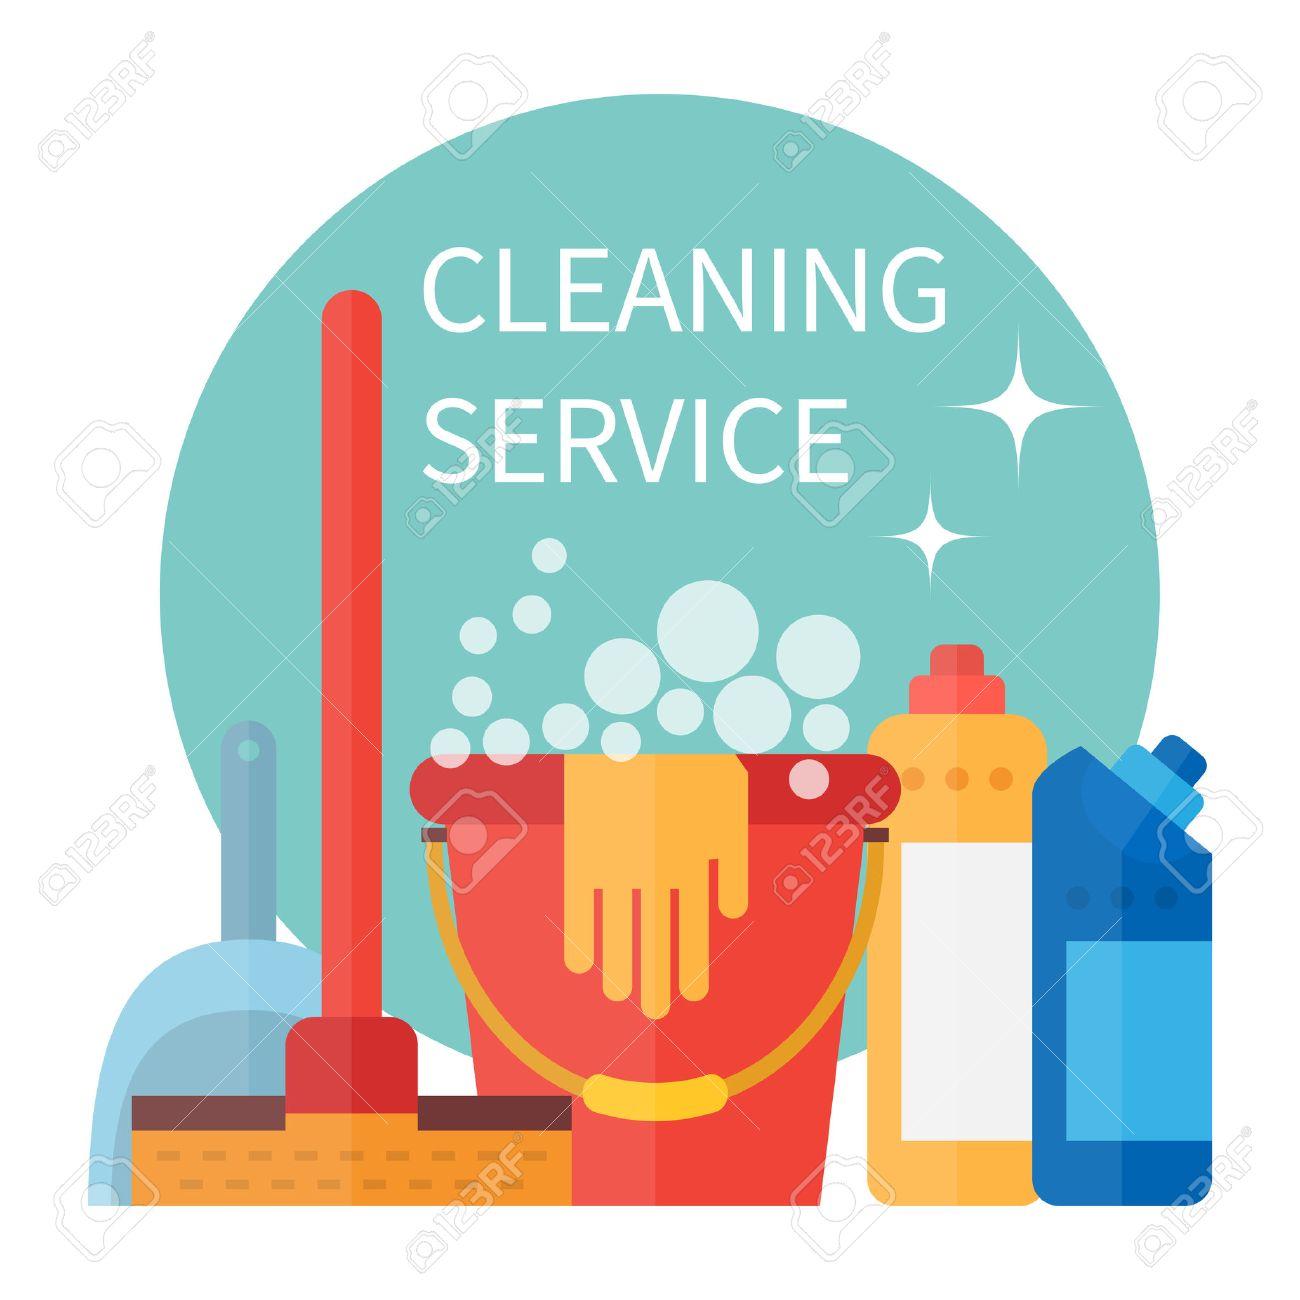 Limpieza Cartel Del Servicio Herramientas De Limpieza Ilustración